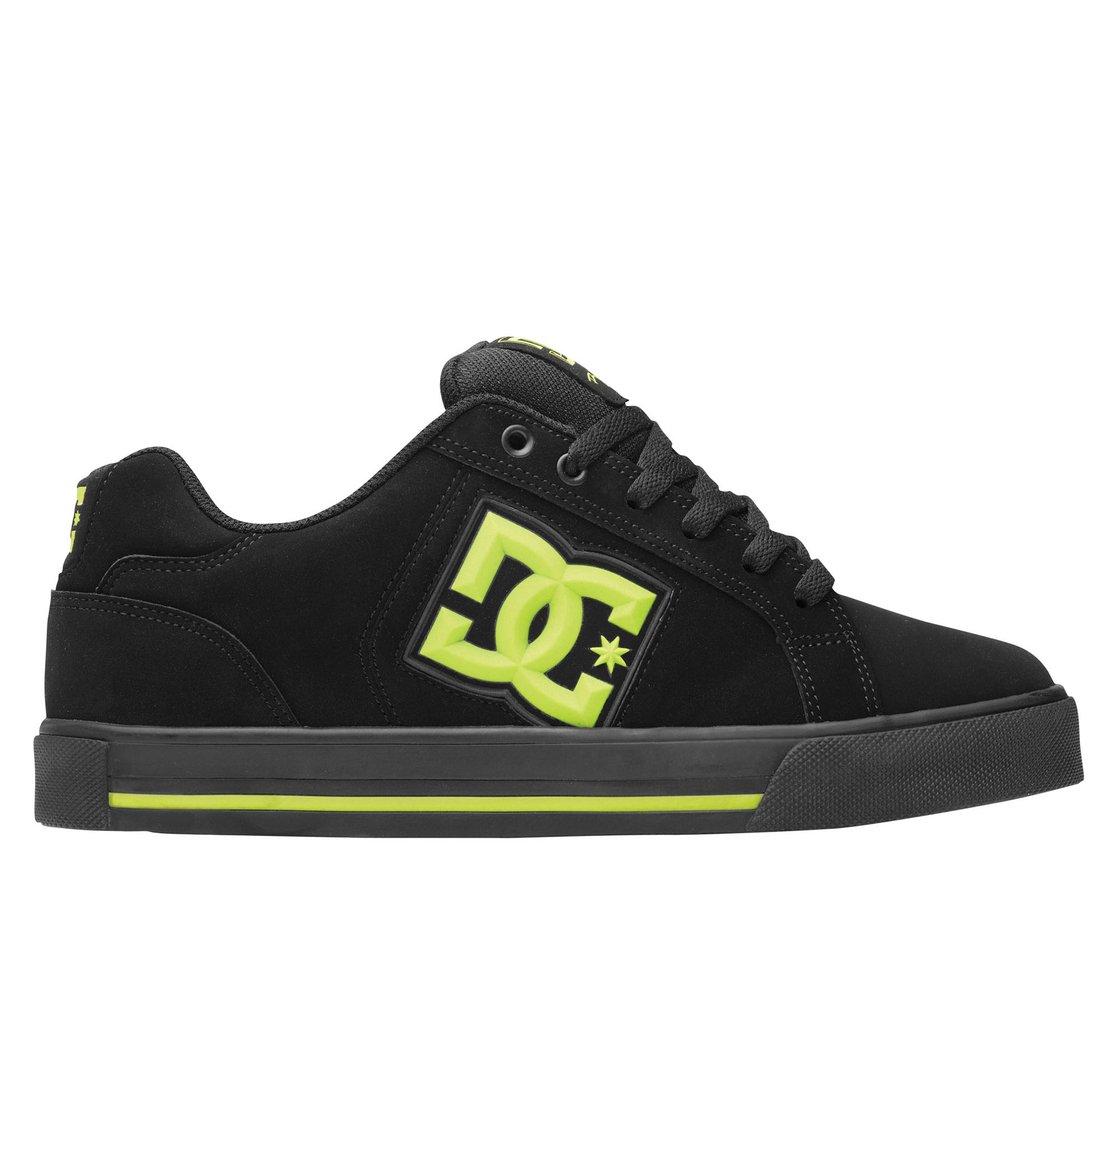 Men's Stock Shoes 302864 | DC Shoes